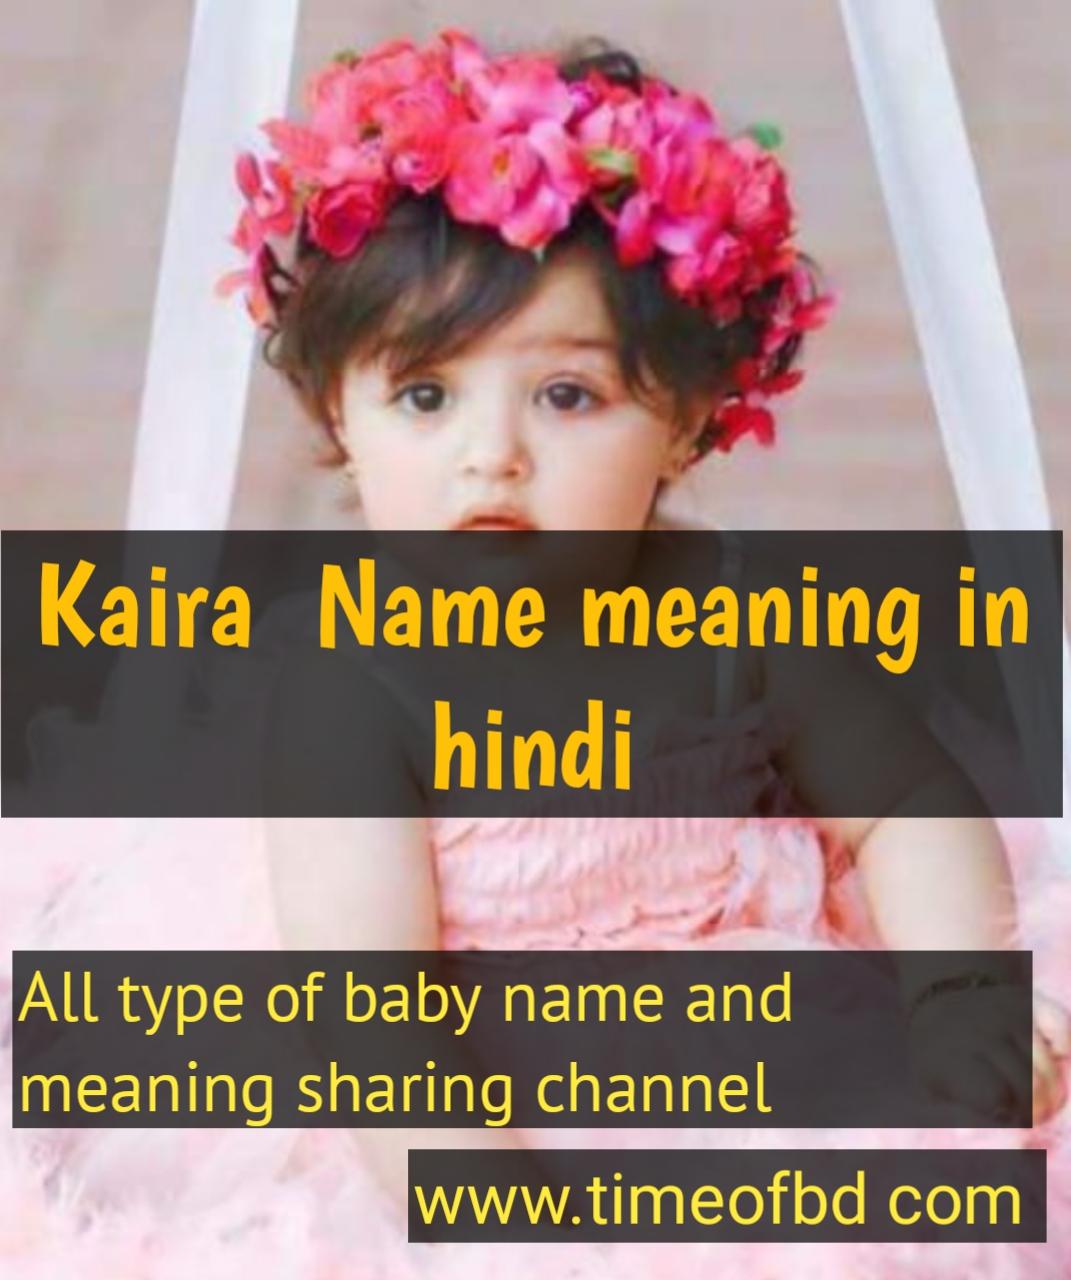 kaira name meaning in hindi, kaira ka meaning ,kaira meaning in hindi dictioanry,meaning of kaira  in hindi